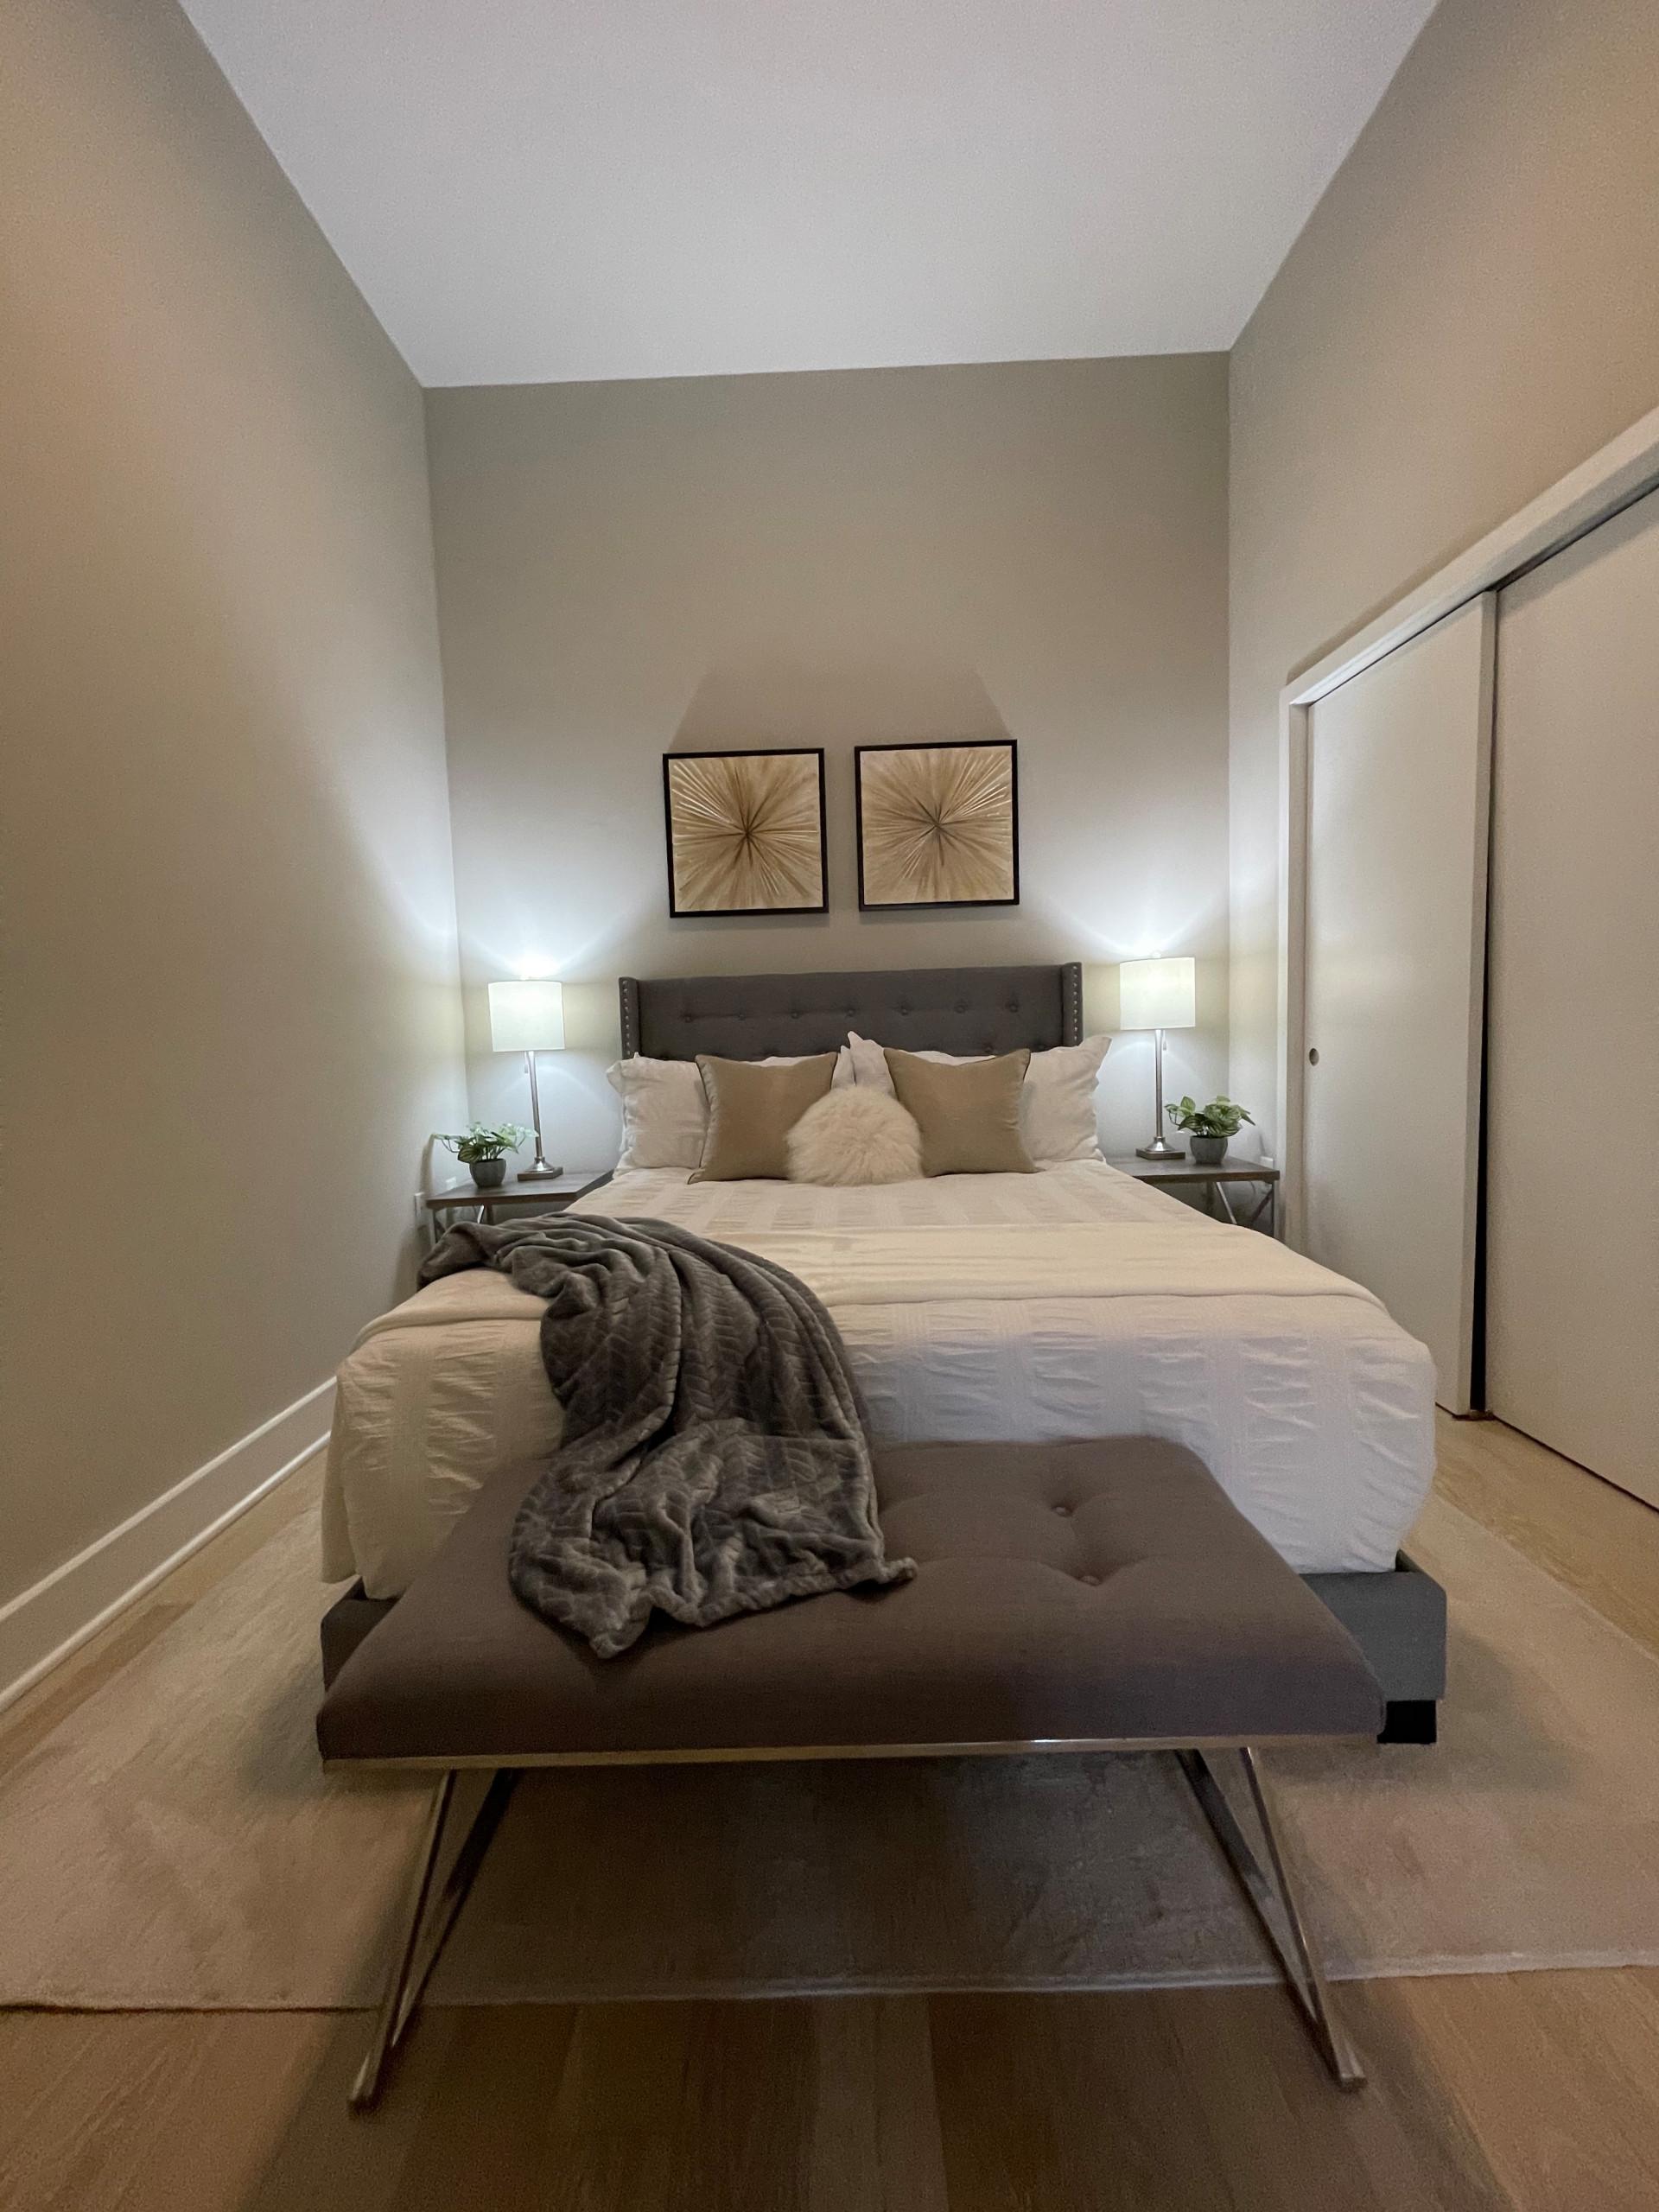 Luxury Studio Bedroom